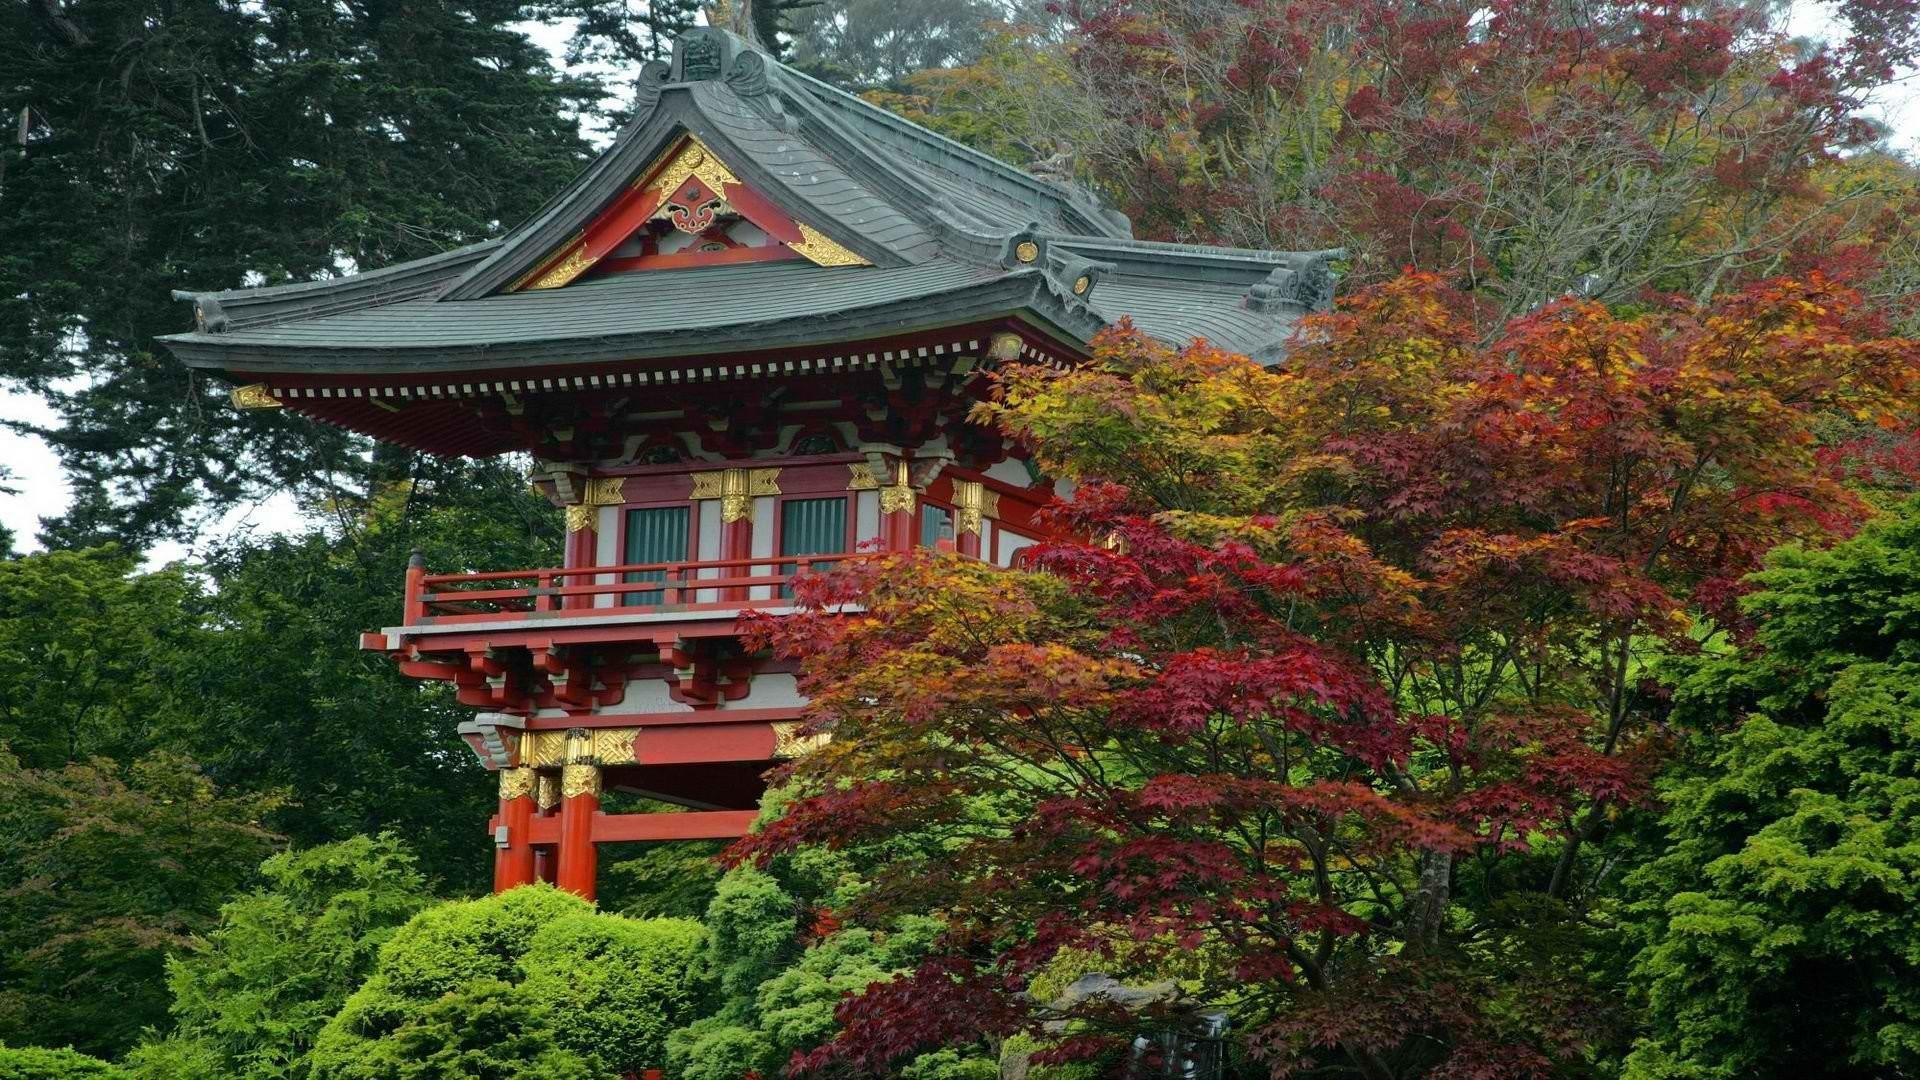 Tea garden Japanese California San Francisco gate temples wallpaper      285261   WallpaperUP